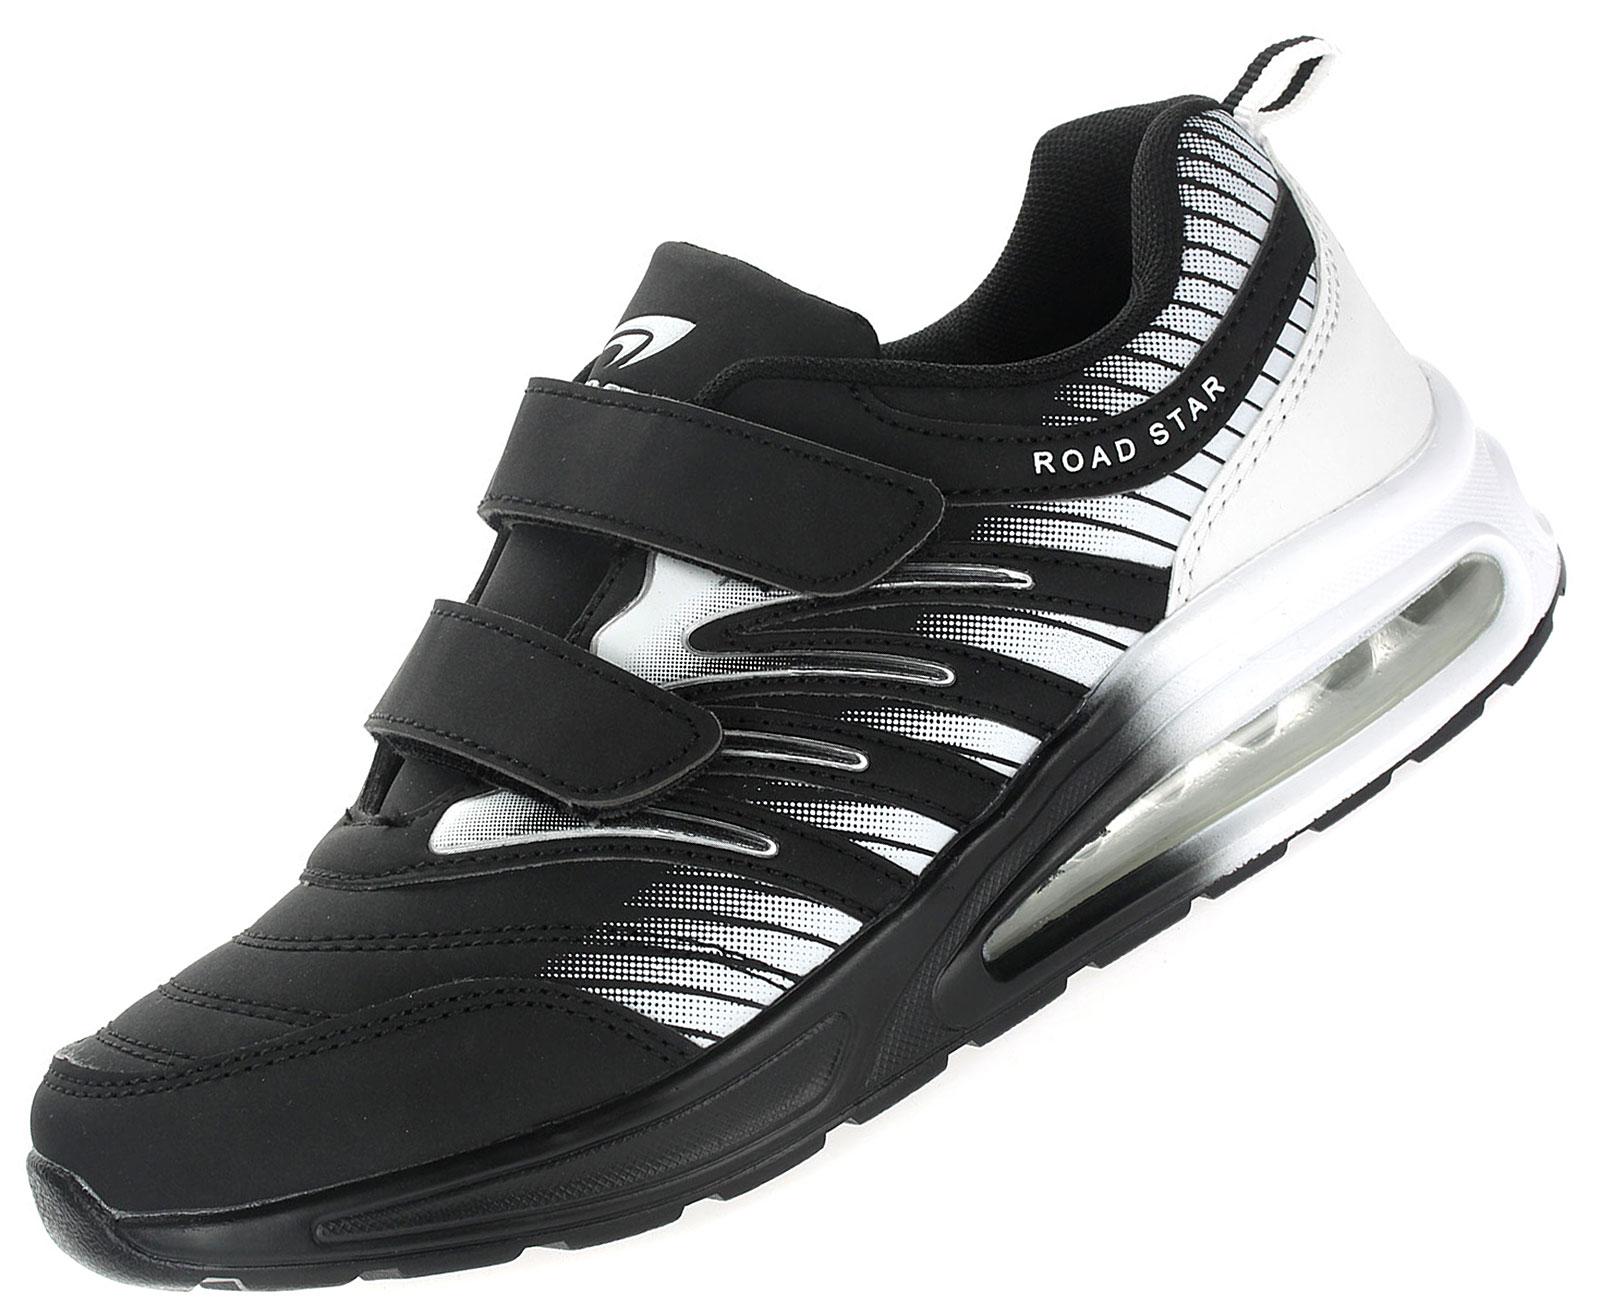 1. Schwarz-Weiß